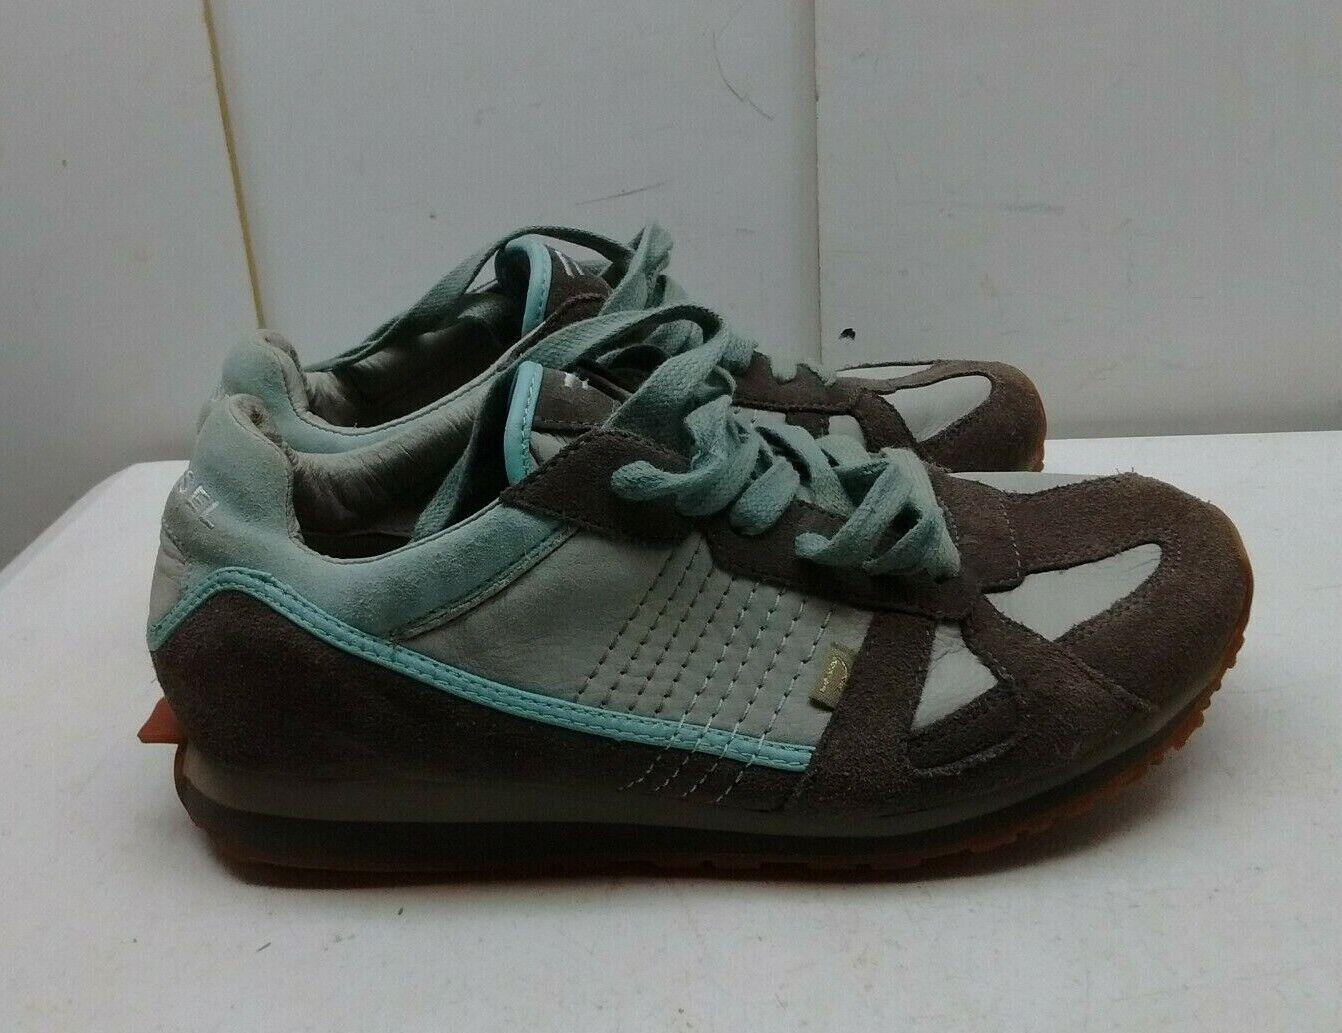 Diesel Biel marron bleu cuir marron Athlétique Baskets Marche femmes chaussures 10 M 41